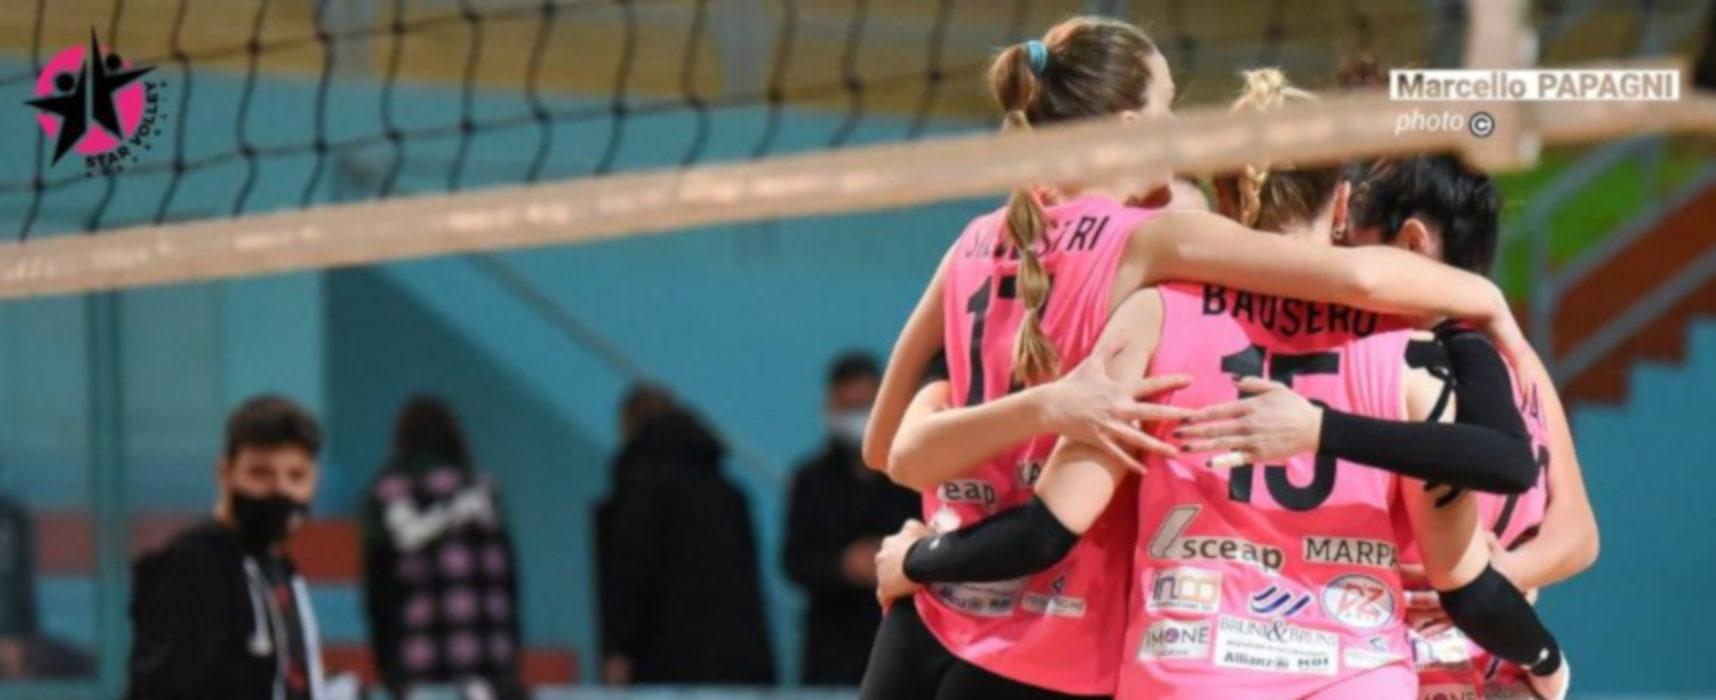 Serie C volley: Sportilia supera Potenza e si prende la vetta, Star Volley ospita la Gio-Mol